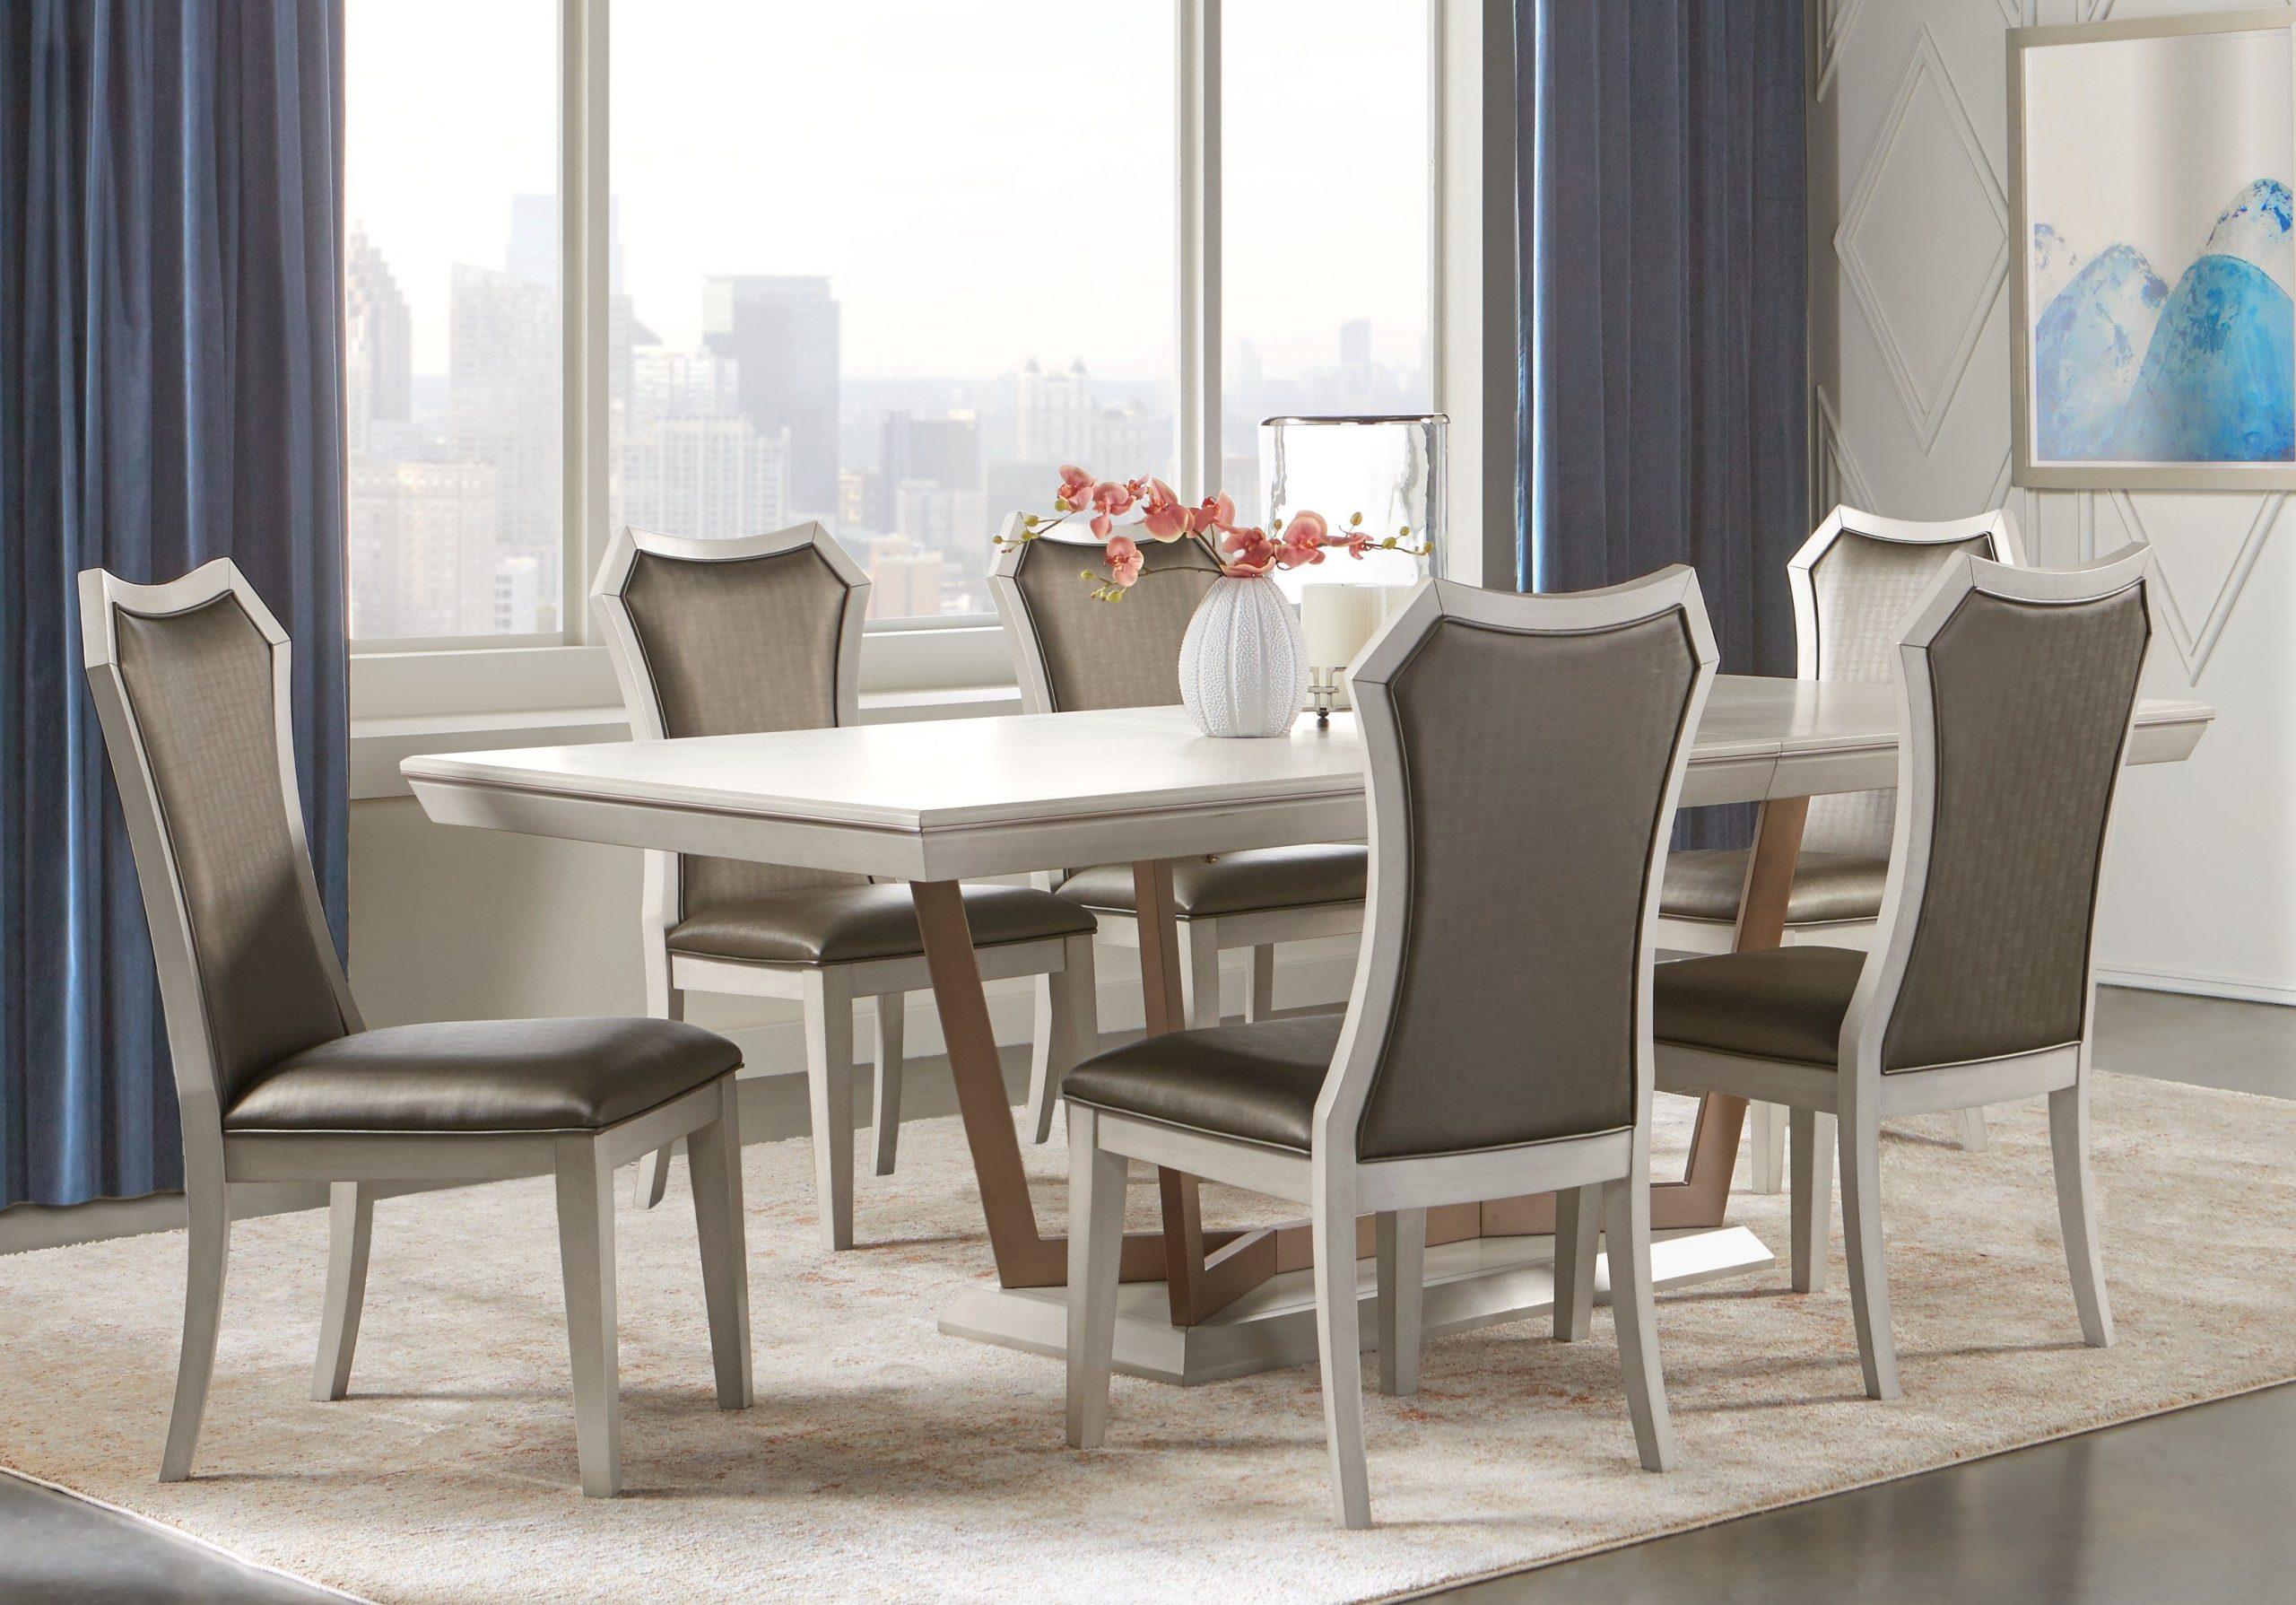 Sofia Vergara Cambrian Court-Brown 5 Pc Dining Room Set